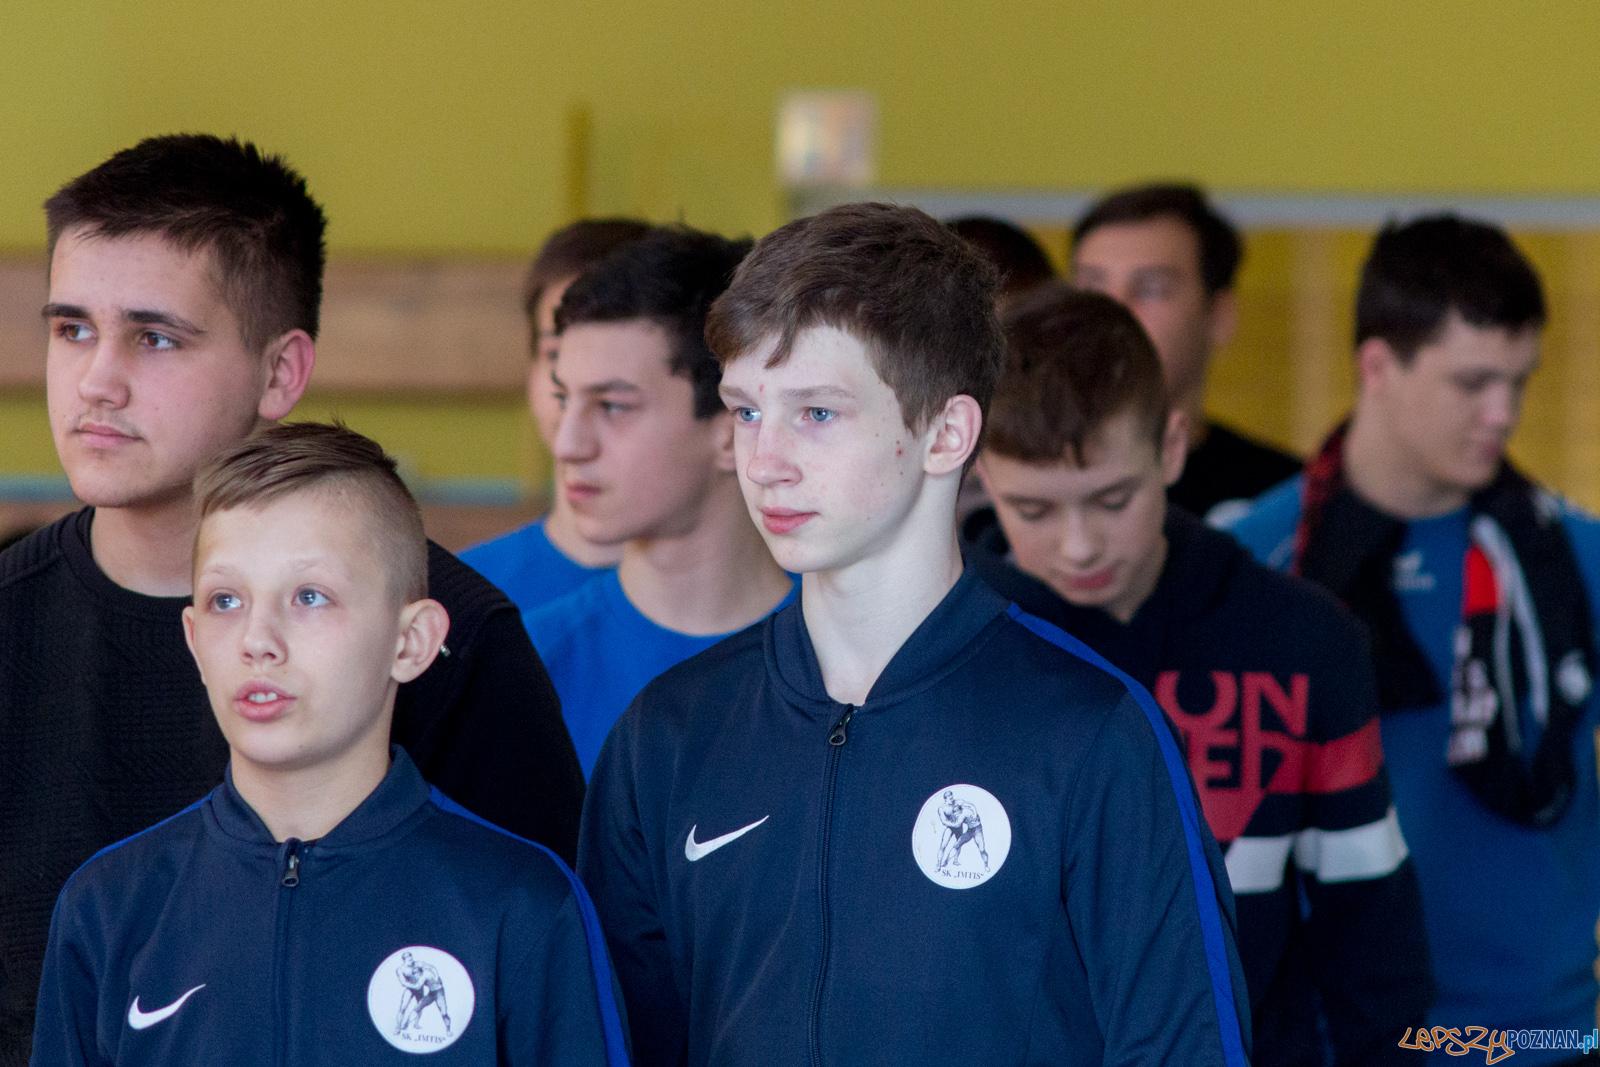 XXVI Międzynarodowy Turniej o Puchar Sobieskiego  Foto: lepszyPOZNAN.pl / Ewelina Jaśkowiak